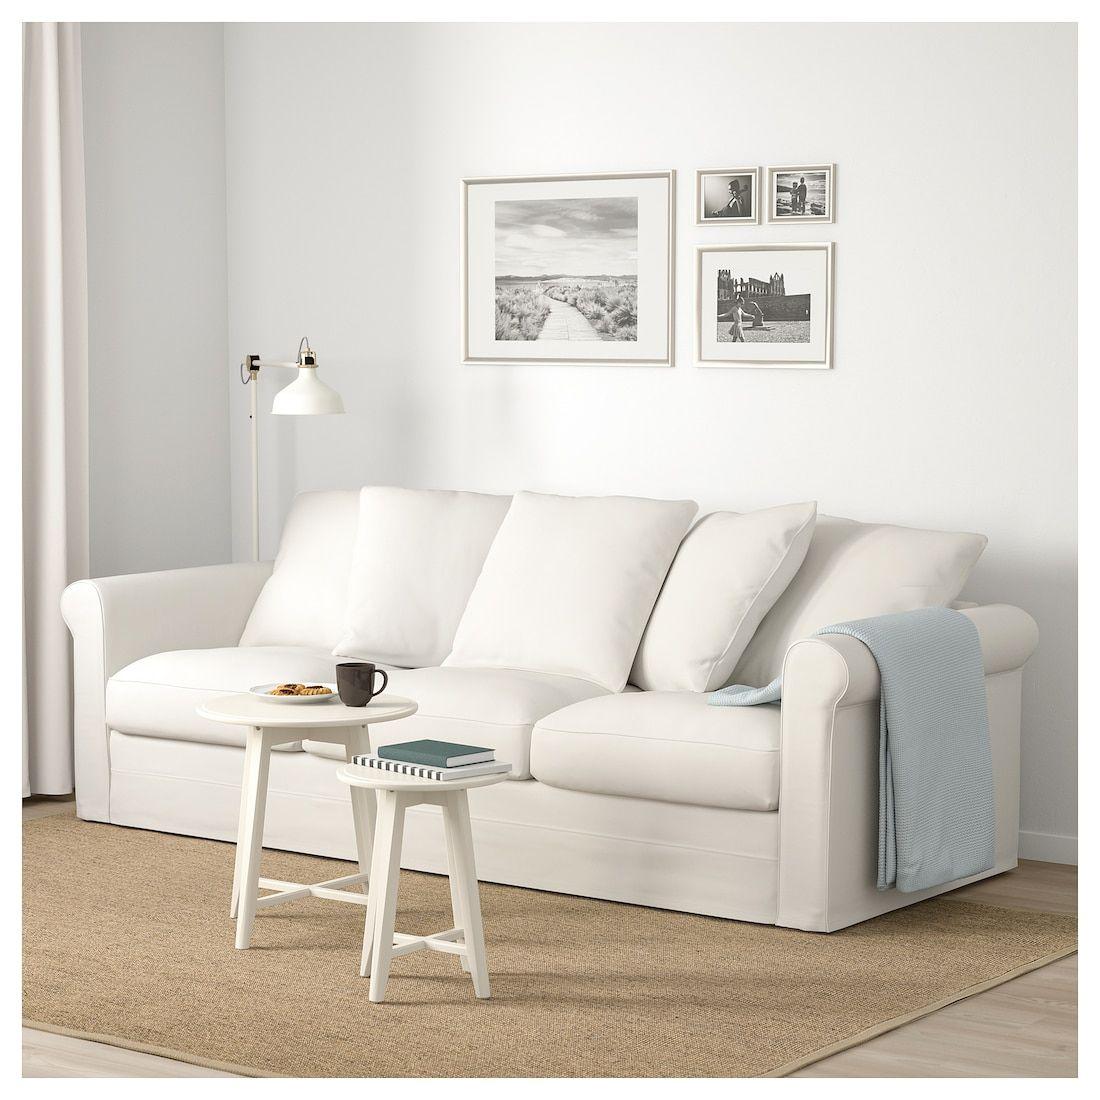 GRÖNLID Sofa Inseros white Deep seat cushions, Dark